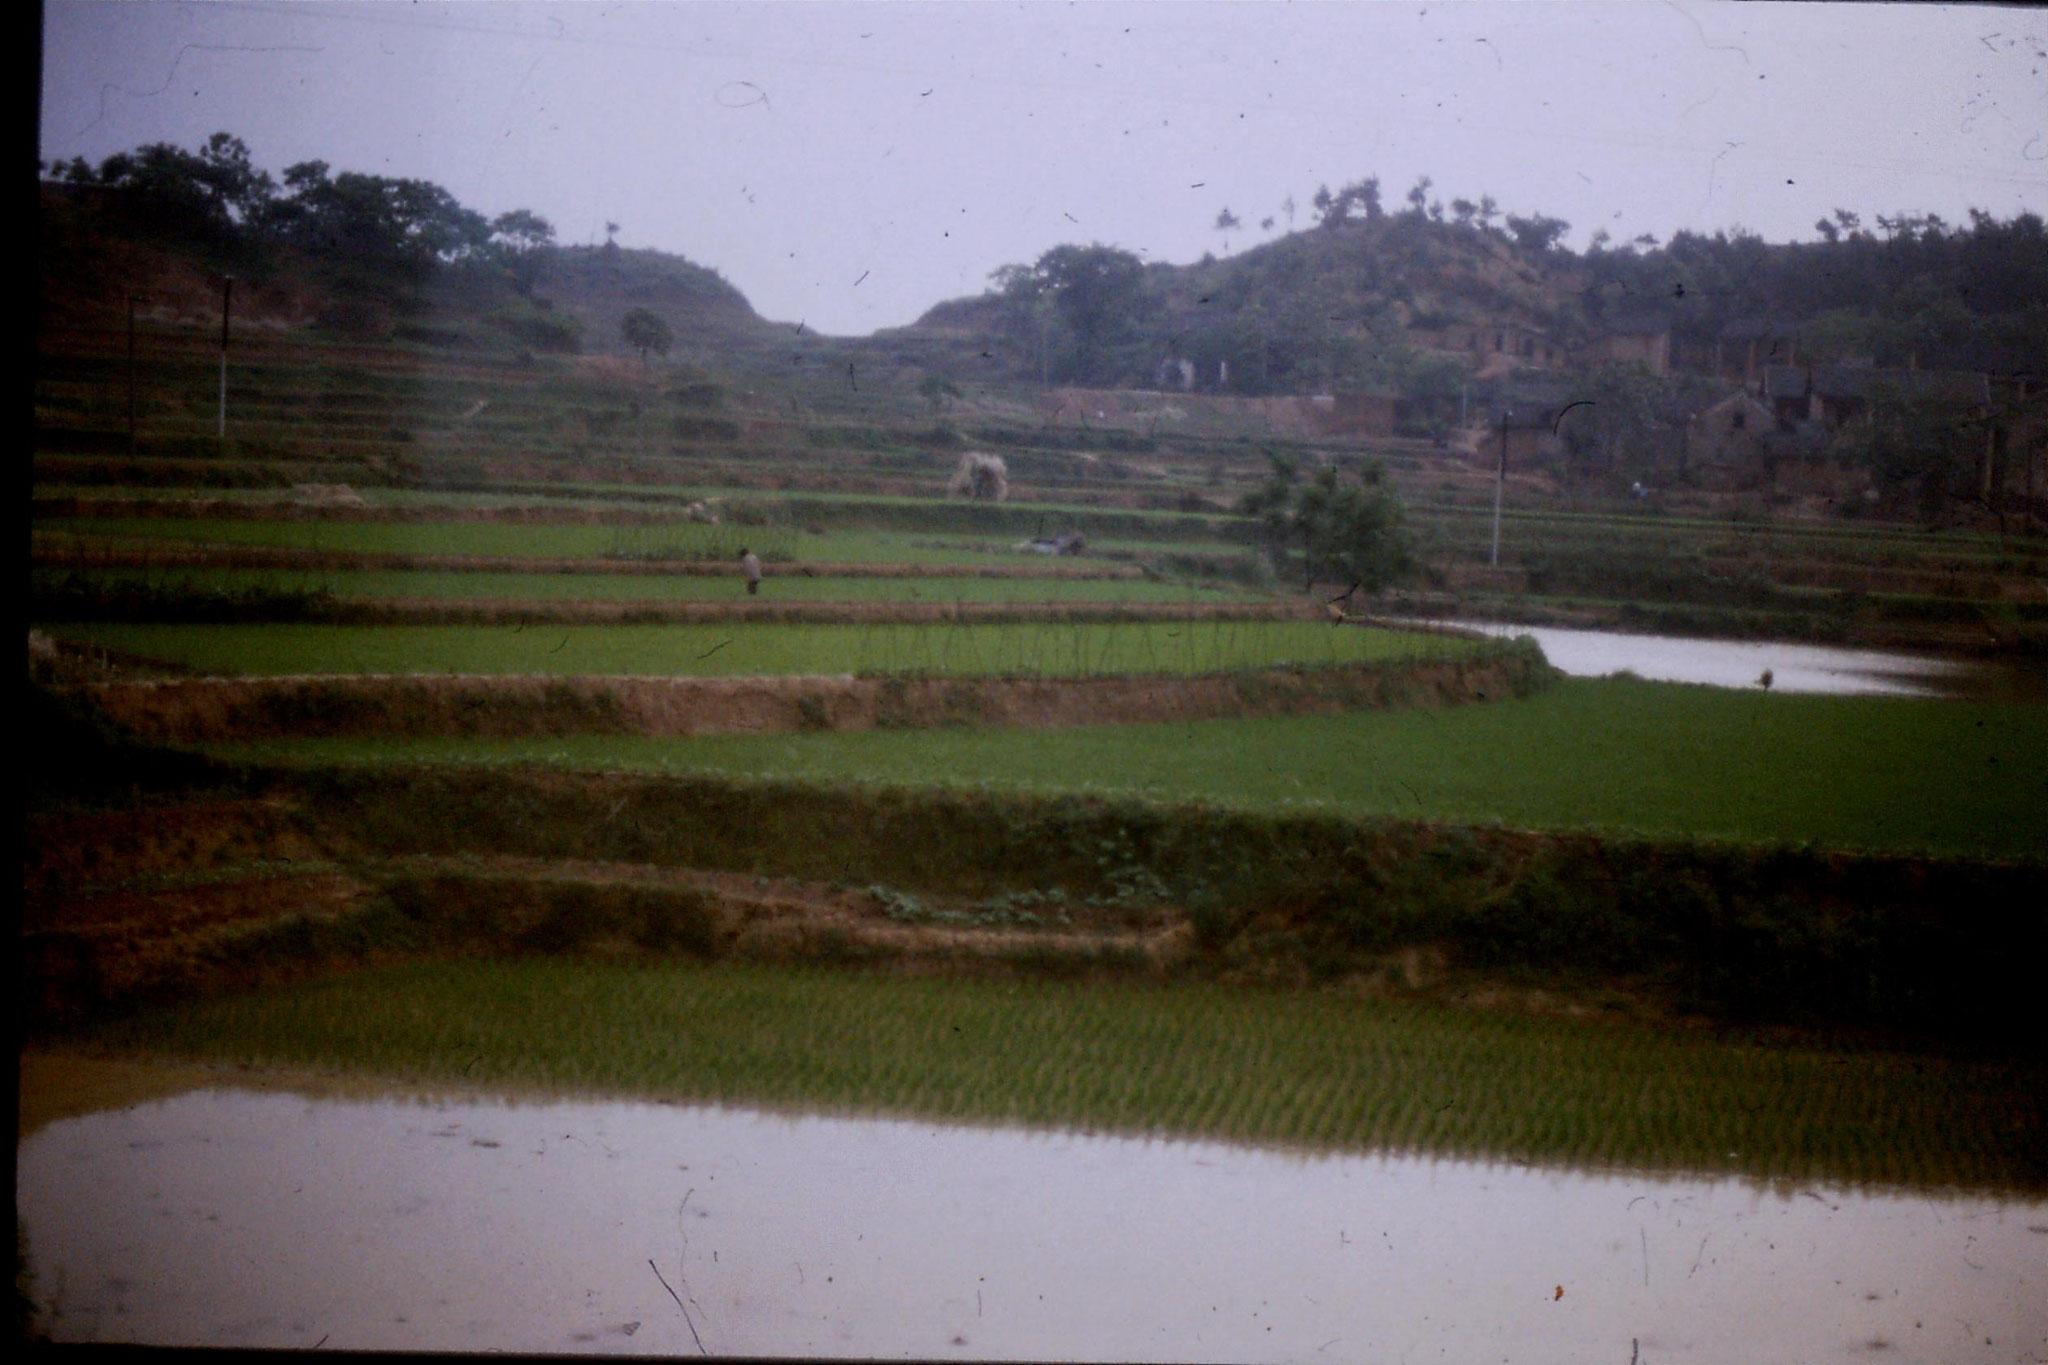 20/5/1989: 15: Guangzhou to Hangzhou, 1200